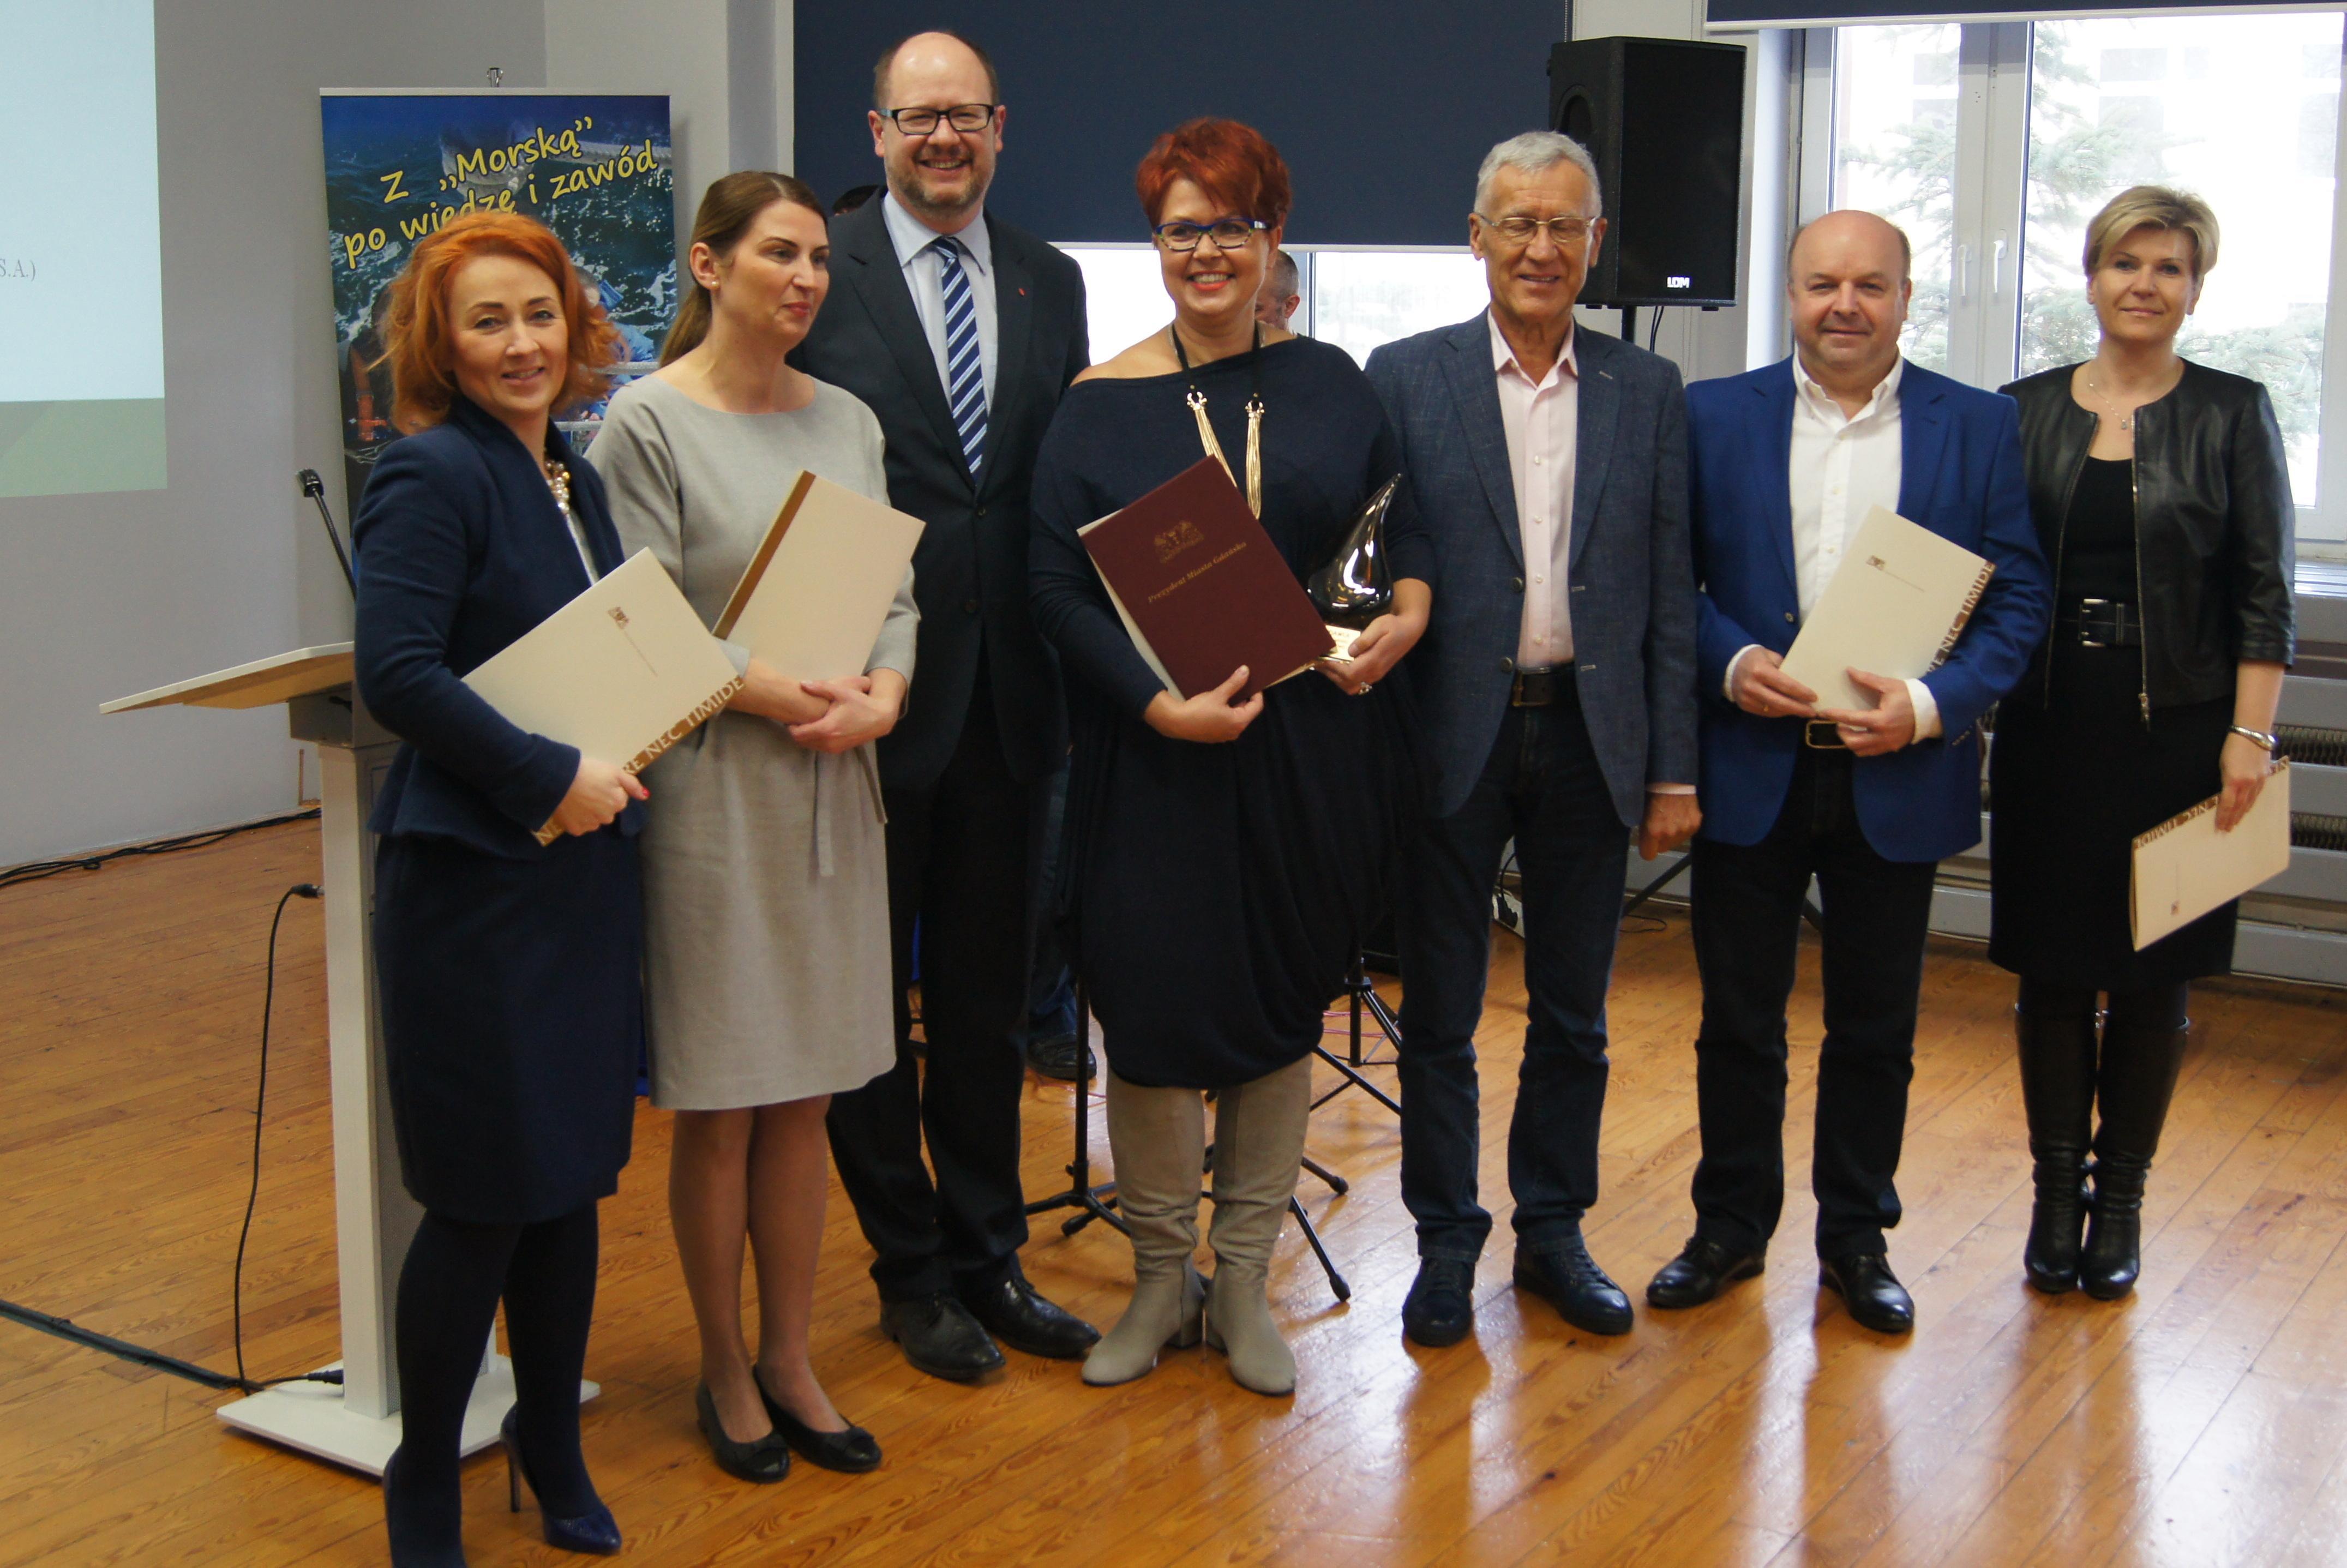 Nominacja do nagrody Pracodawca Przyjazny Gdańskiej Szkole Zawodowej